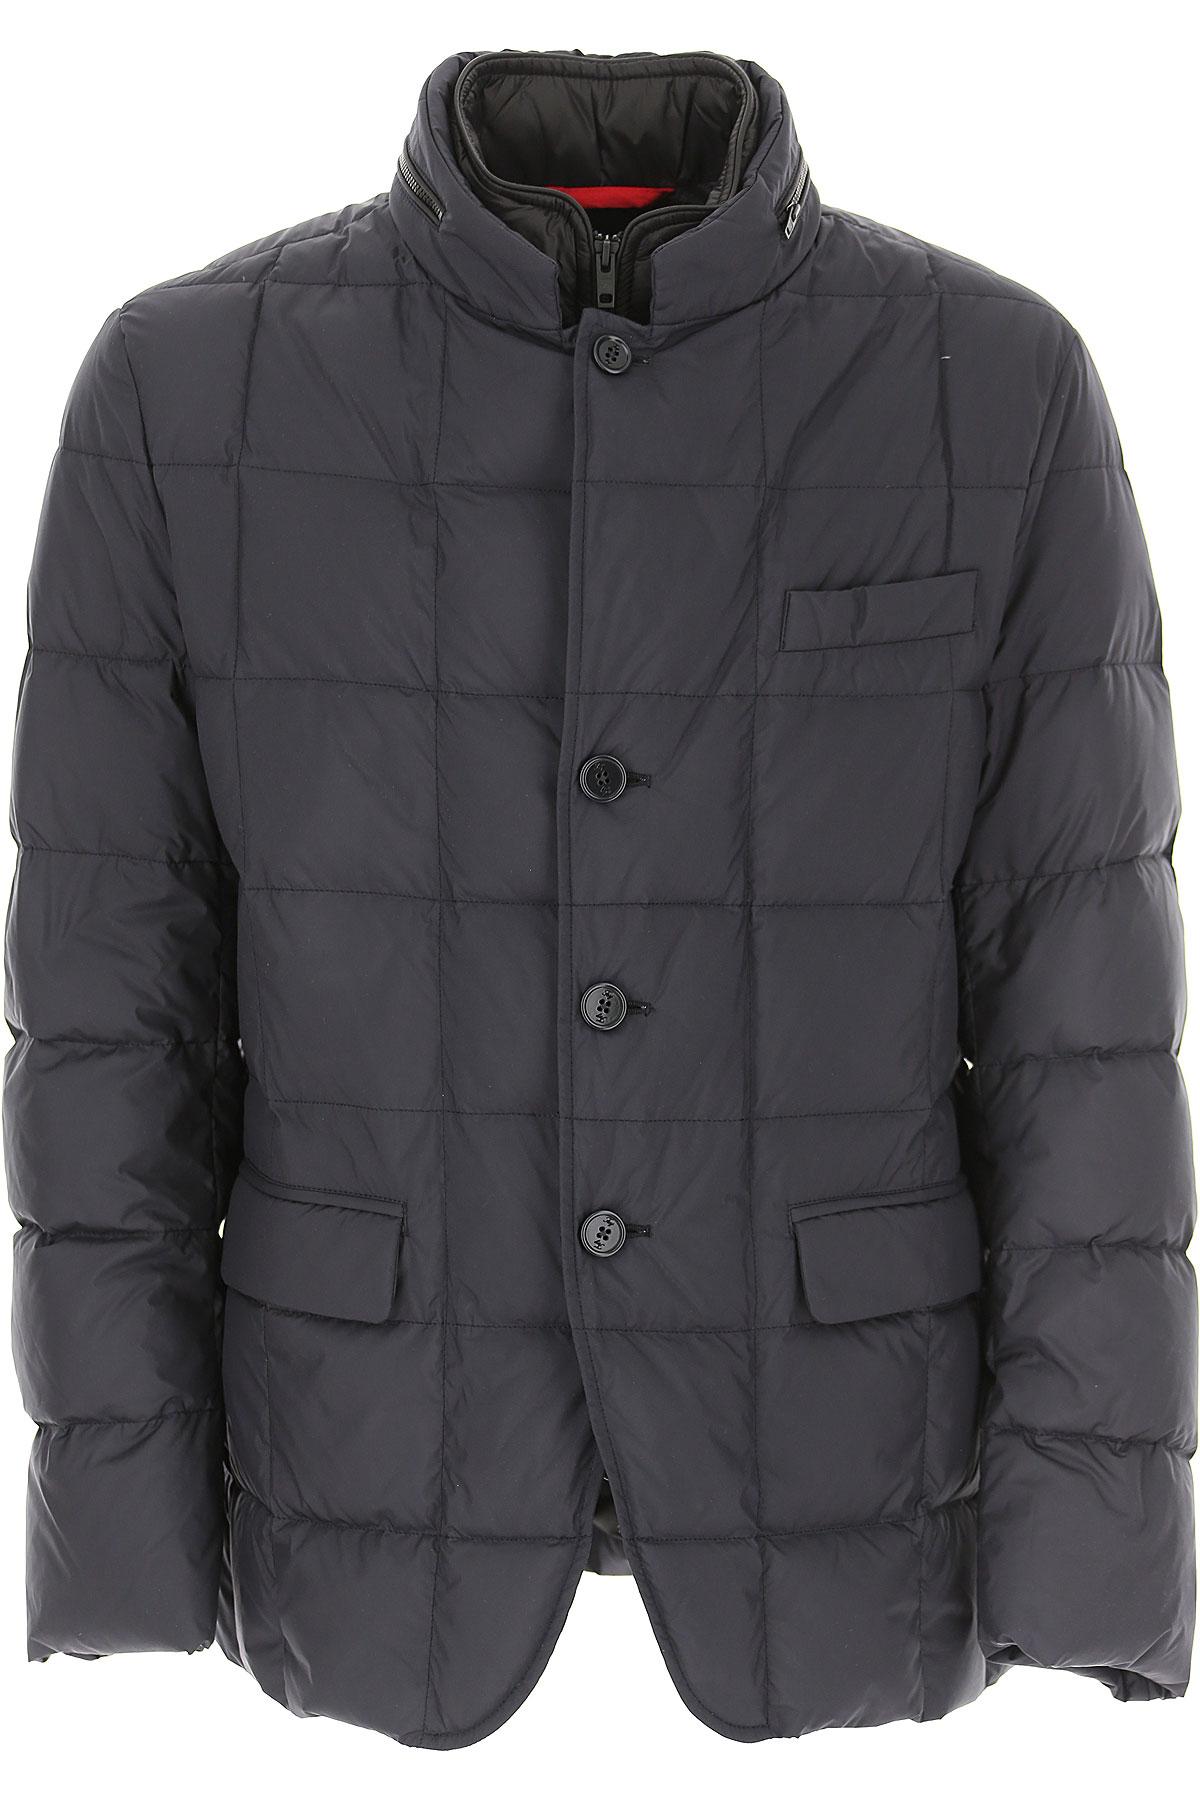 Fay Down Jacket for Men, Puffer Ski Jacket On Sale, Dark Midnight Blue, Down, 2019, L M XL XXL